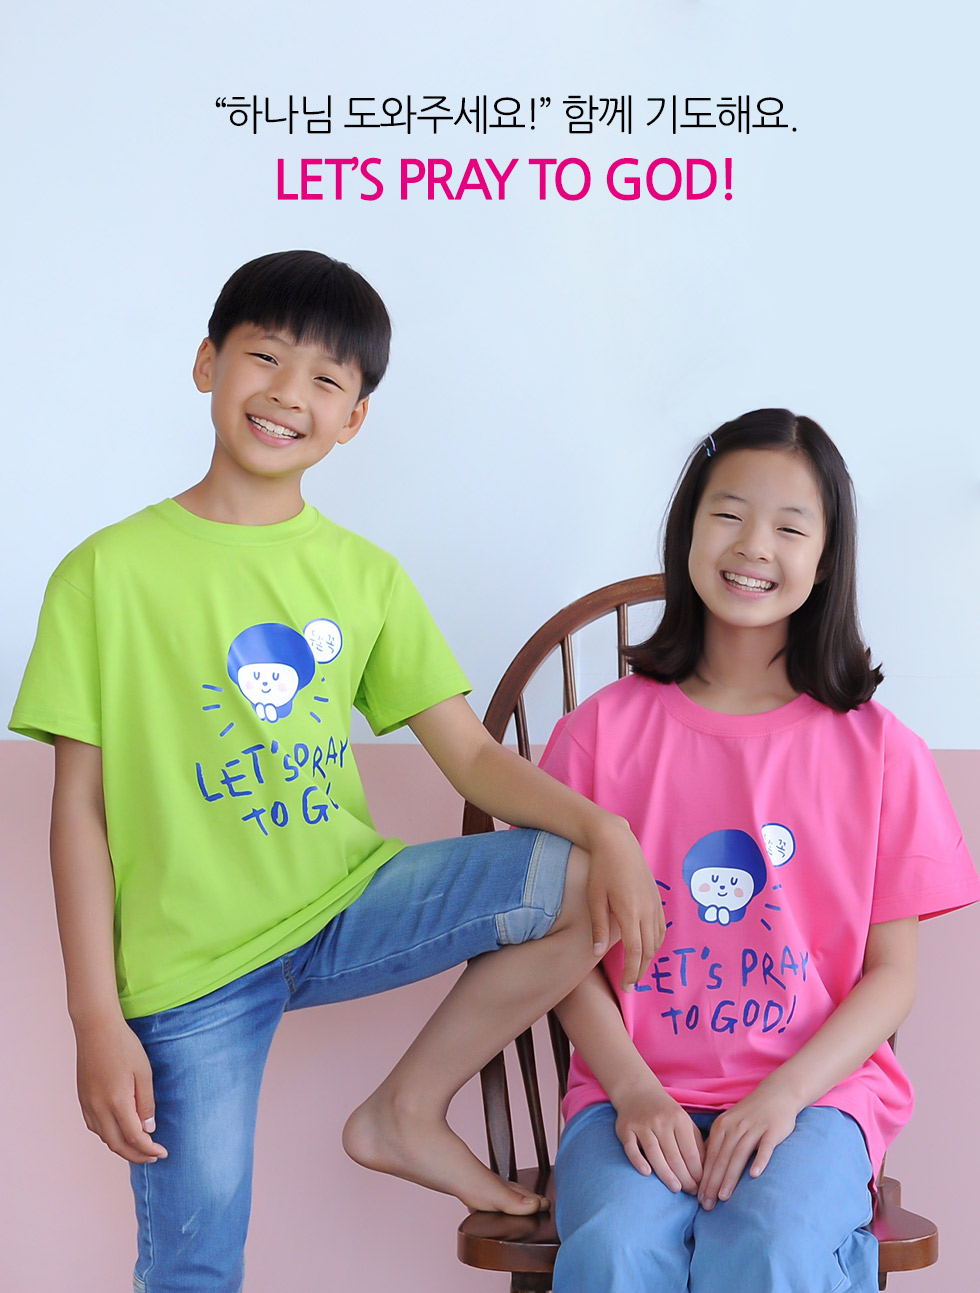 하나님 도와주세요 함께 기도해요